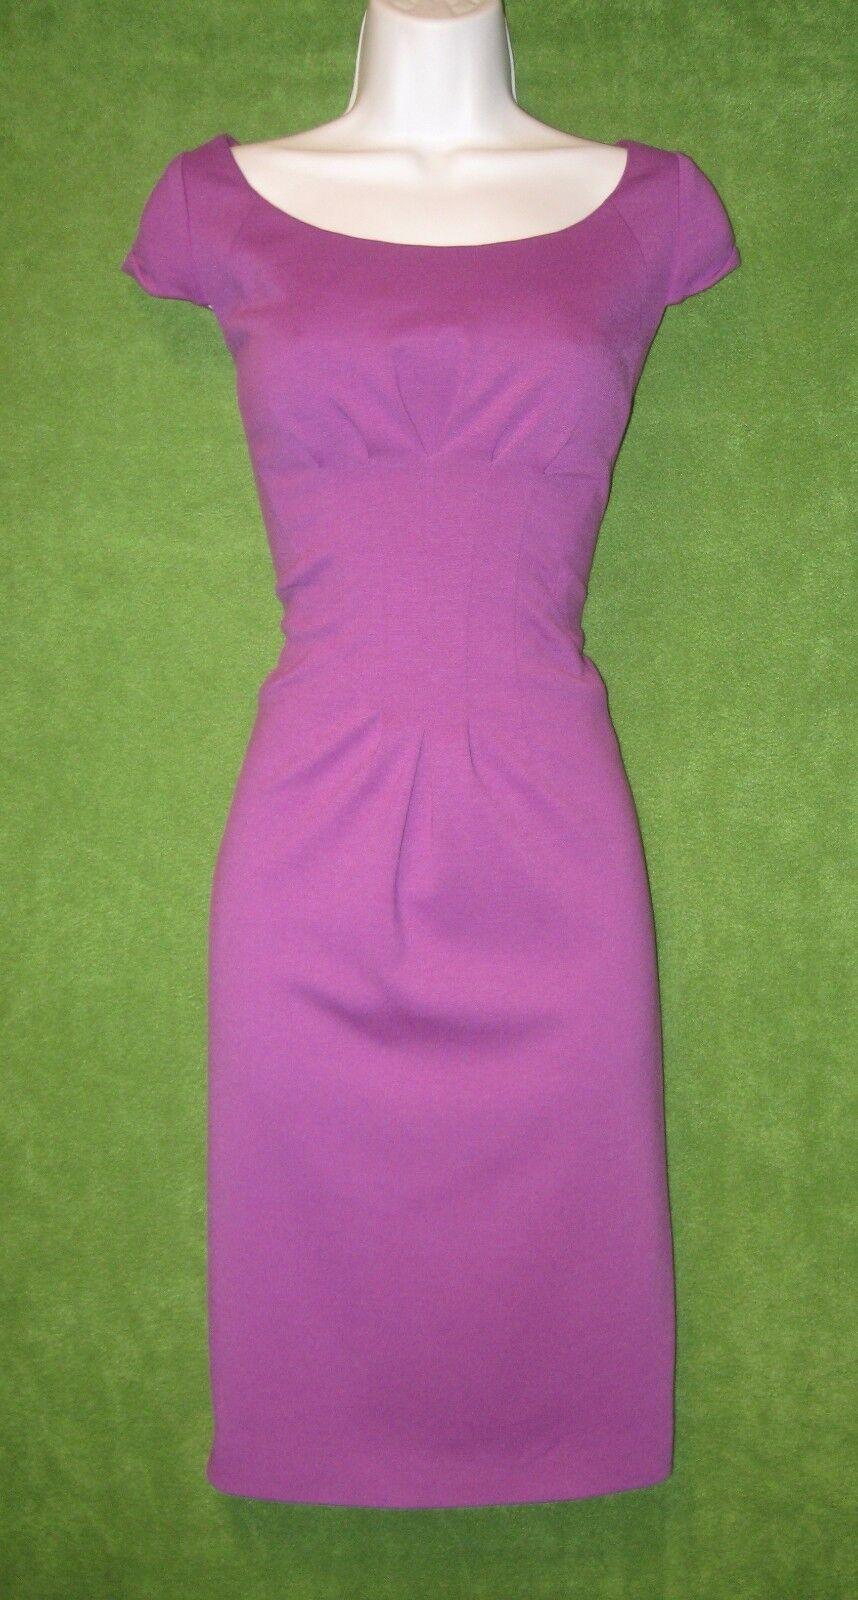 Tahari Purple Stretch Knit Pleated Waist Work Social Dress  6